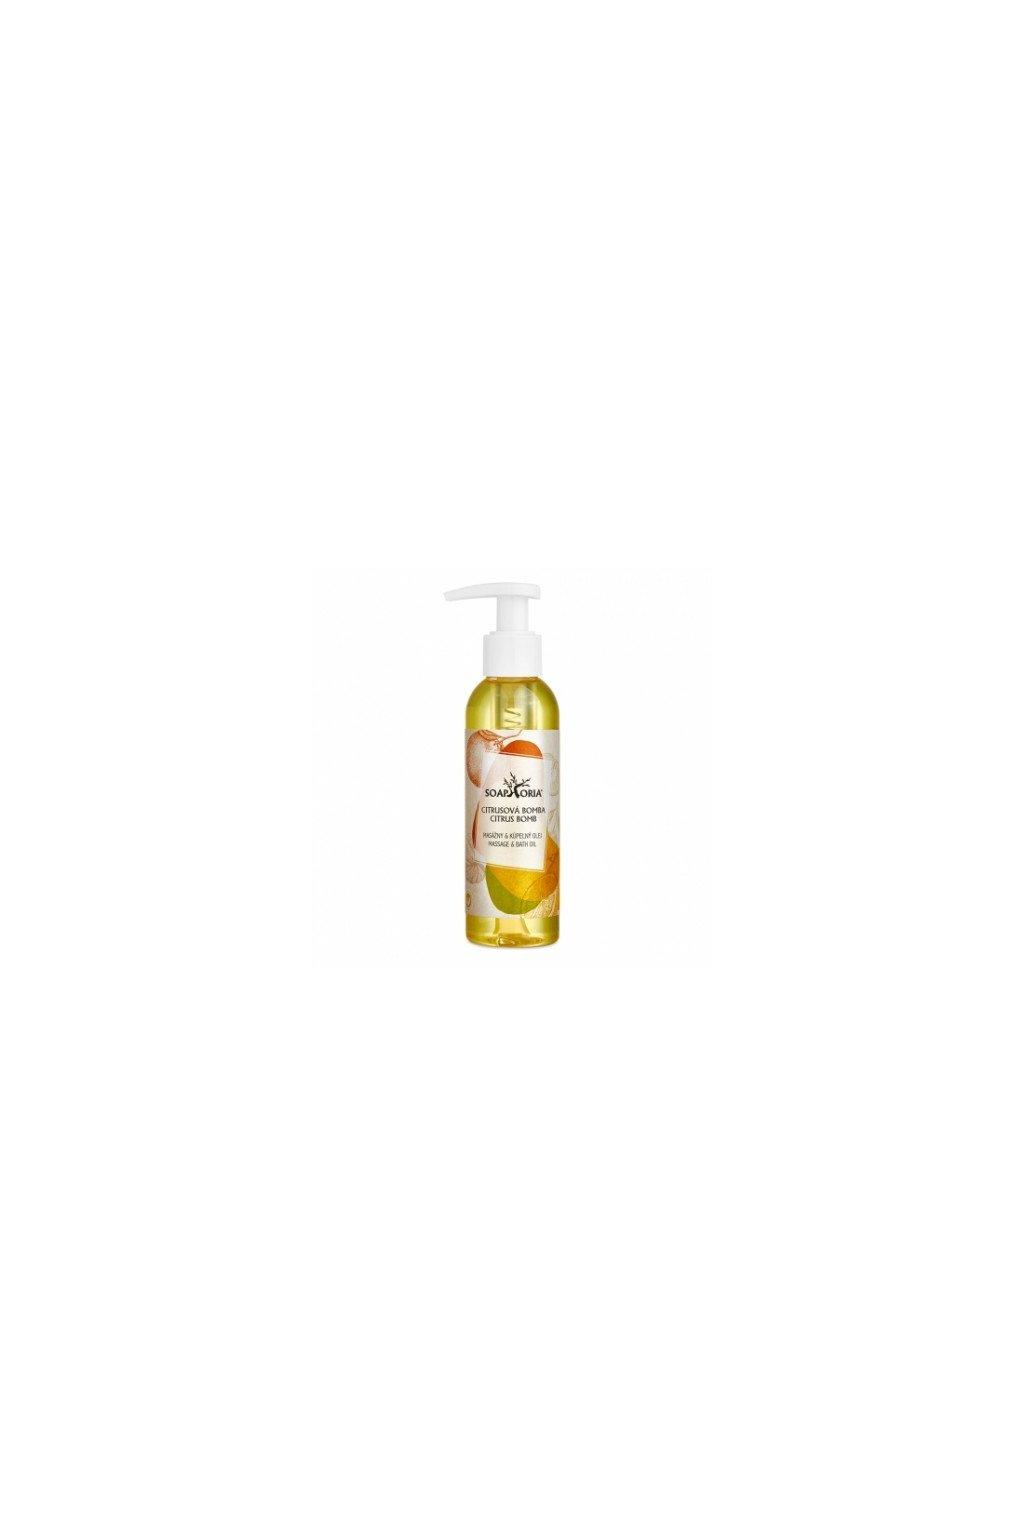 Soaphoria Citrusová bomba organický masážní olej 150ml